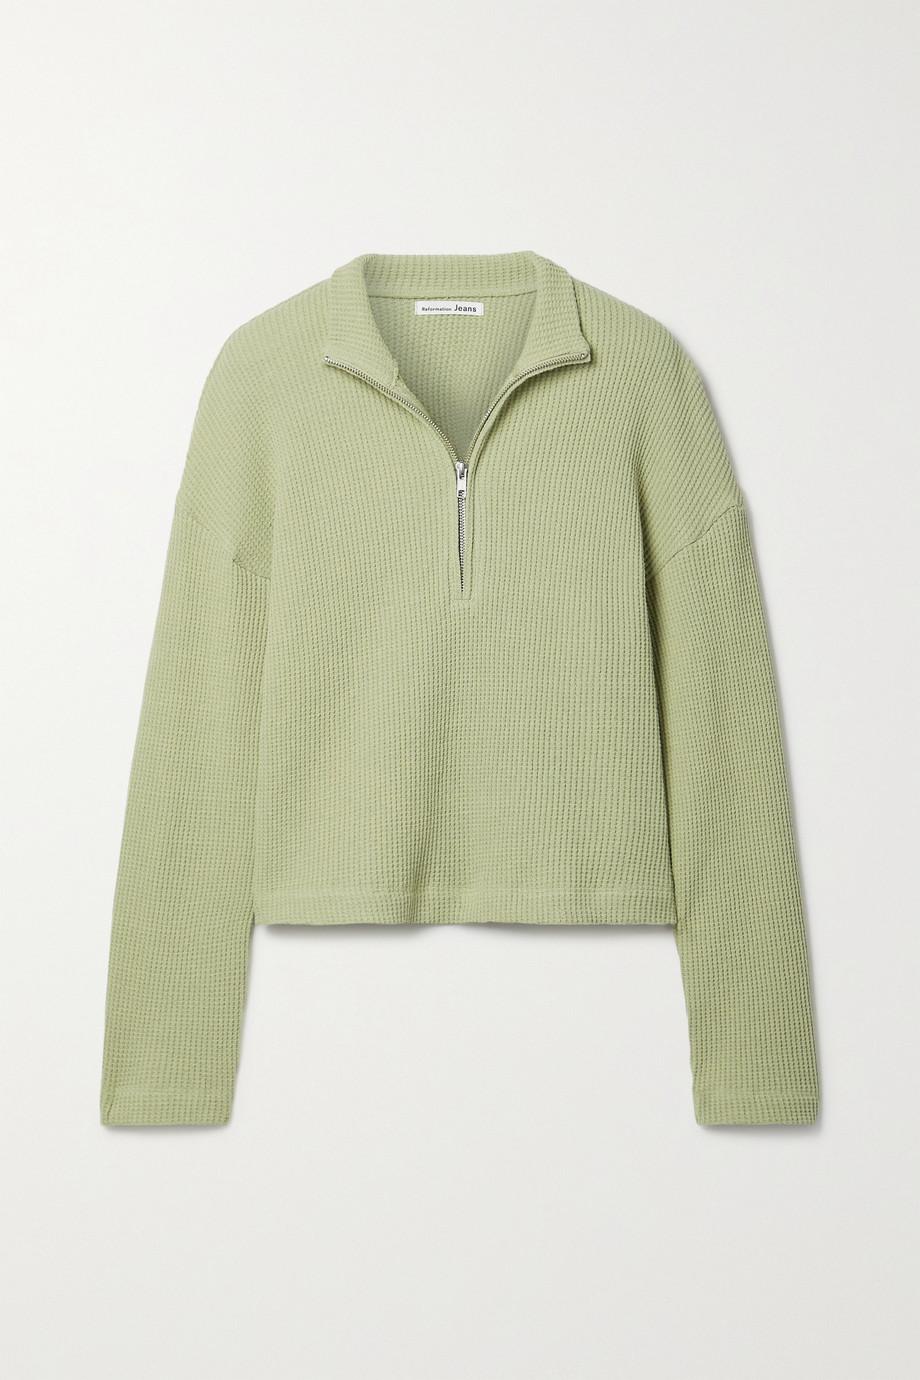 Reformation Yale waffle-knit organic cotton sweatshirt